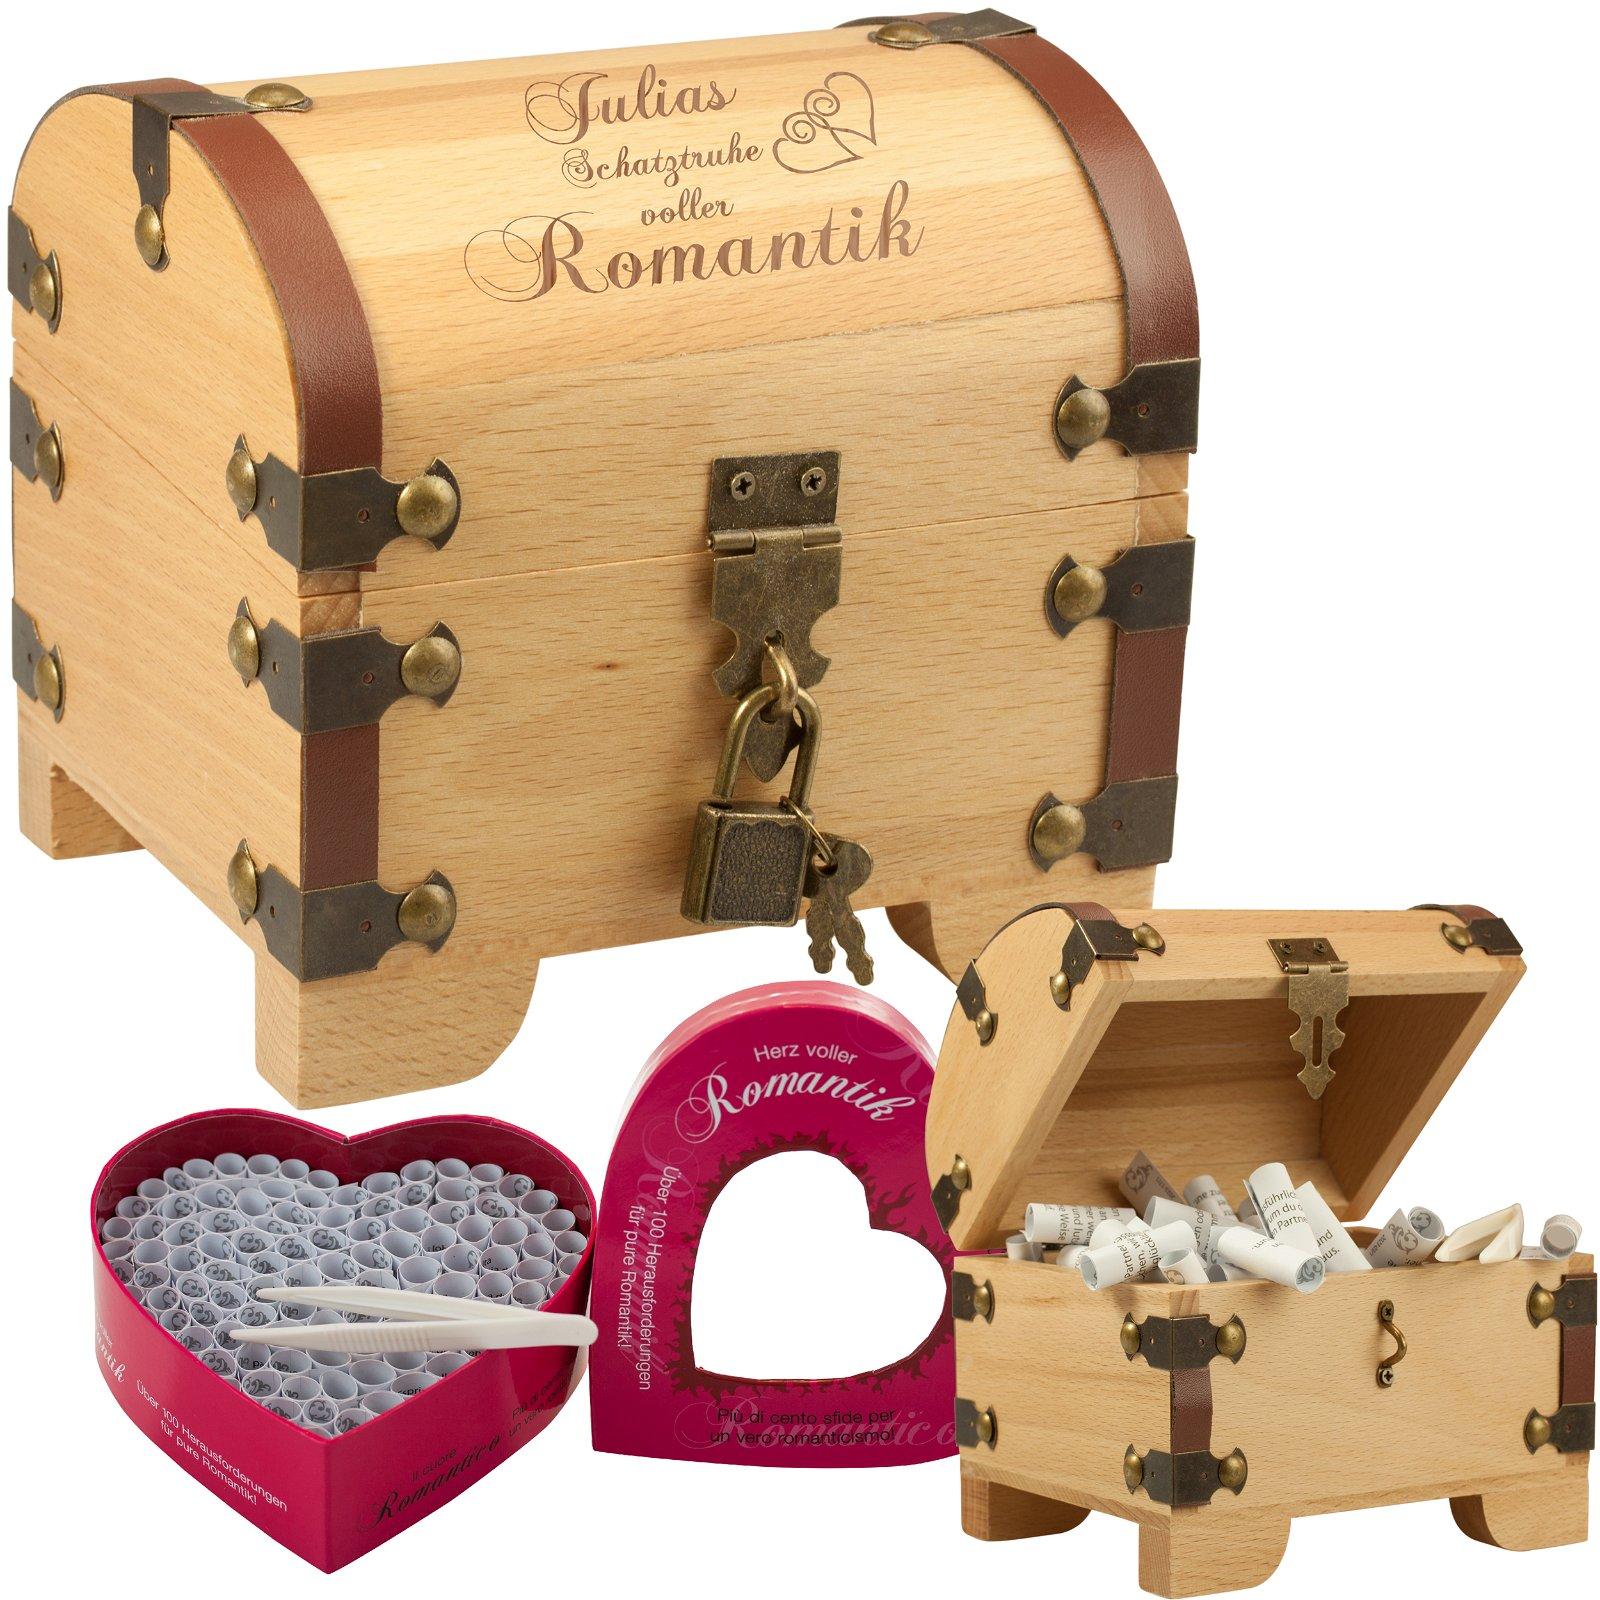 Schatzkiste voller Romantik